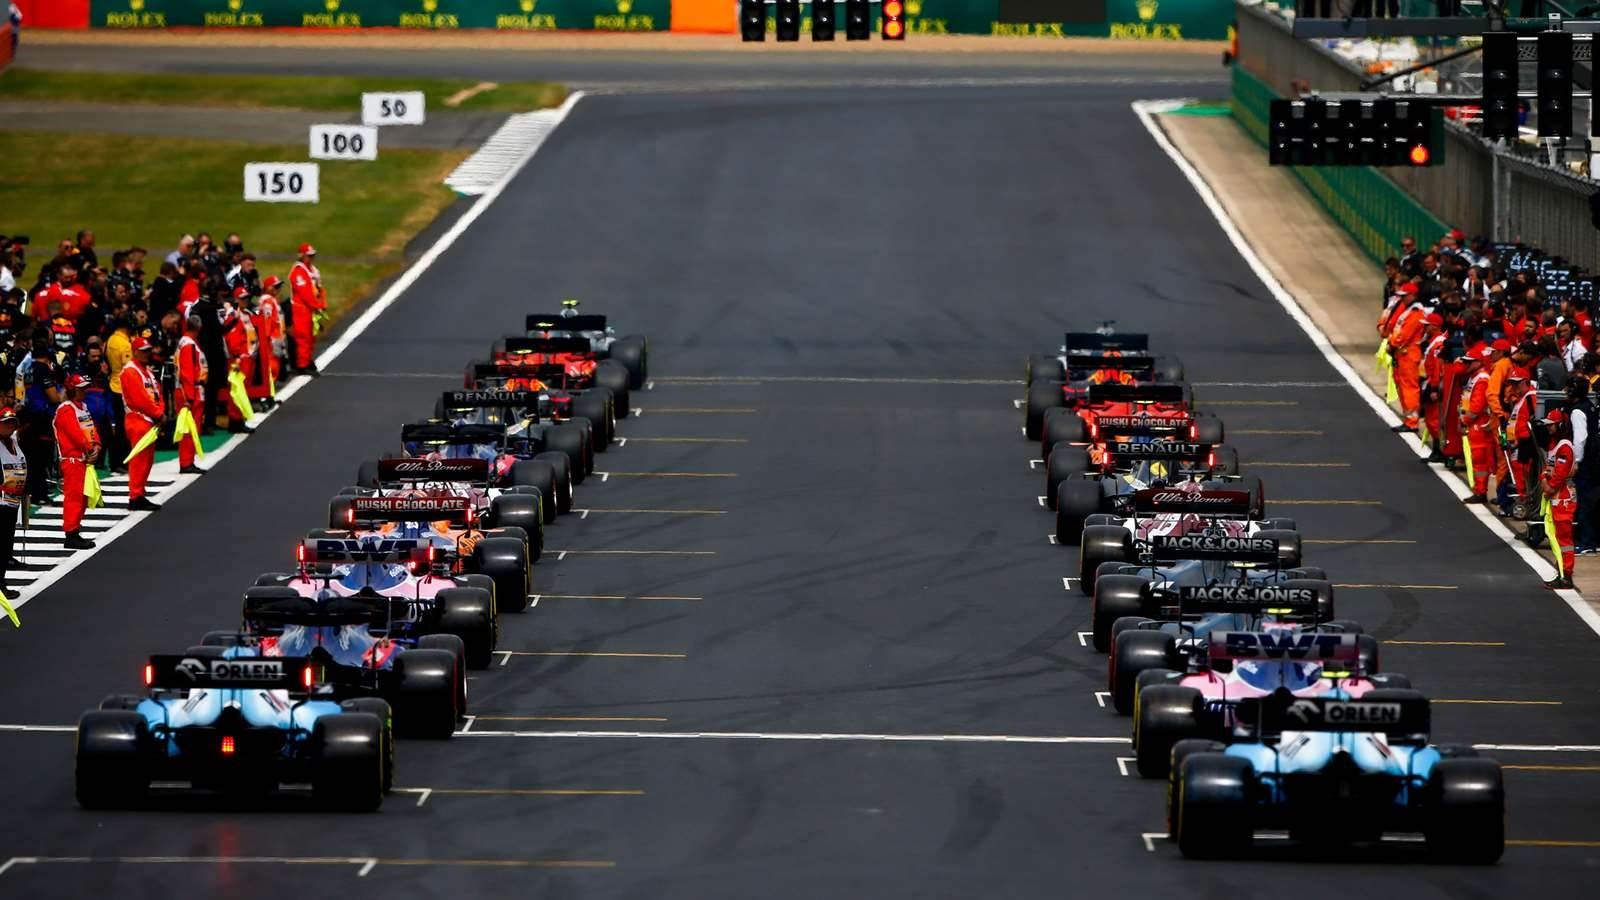 Turquía sustituye a Canadá en el calendario 2021 de la F1